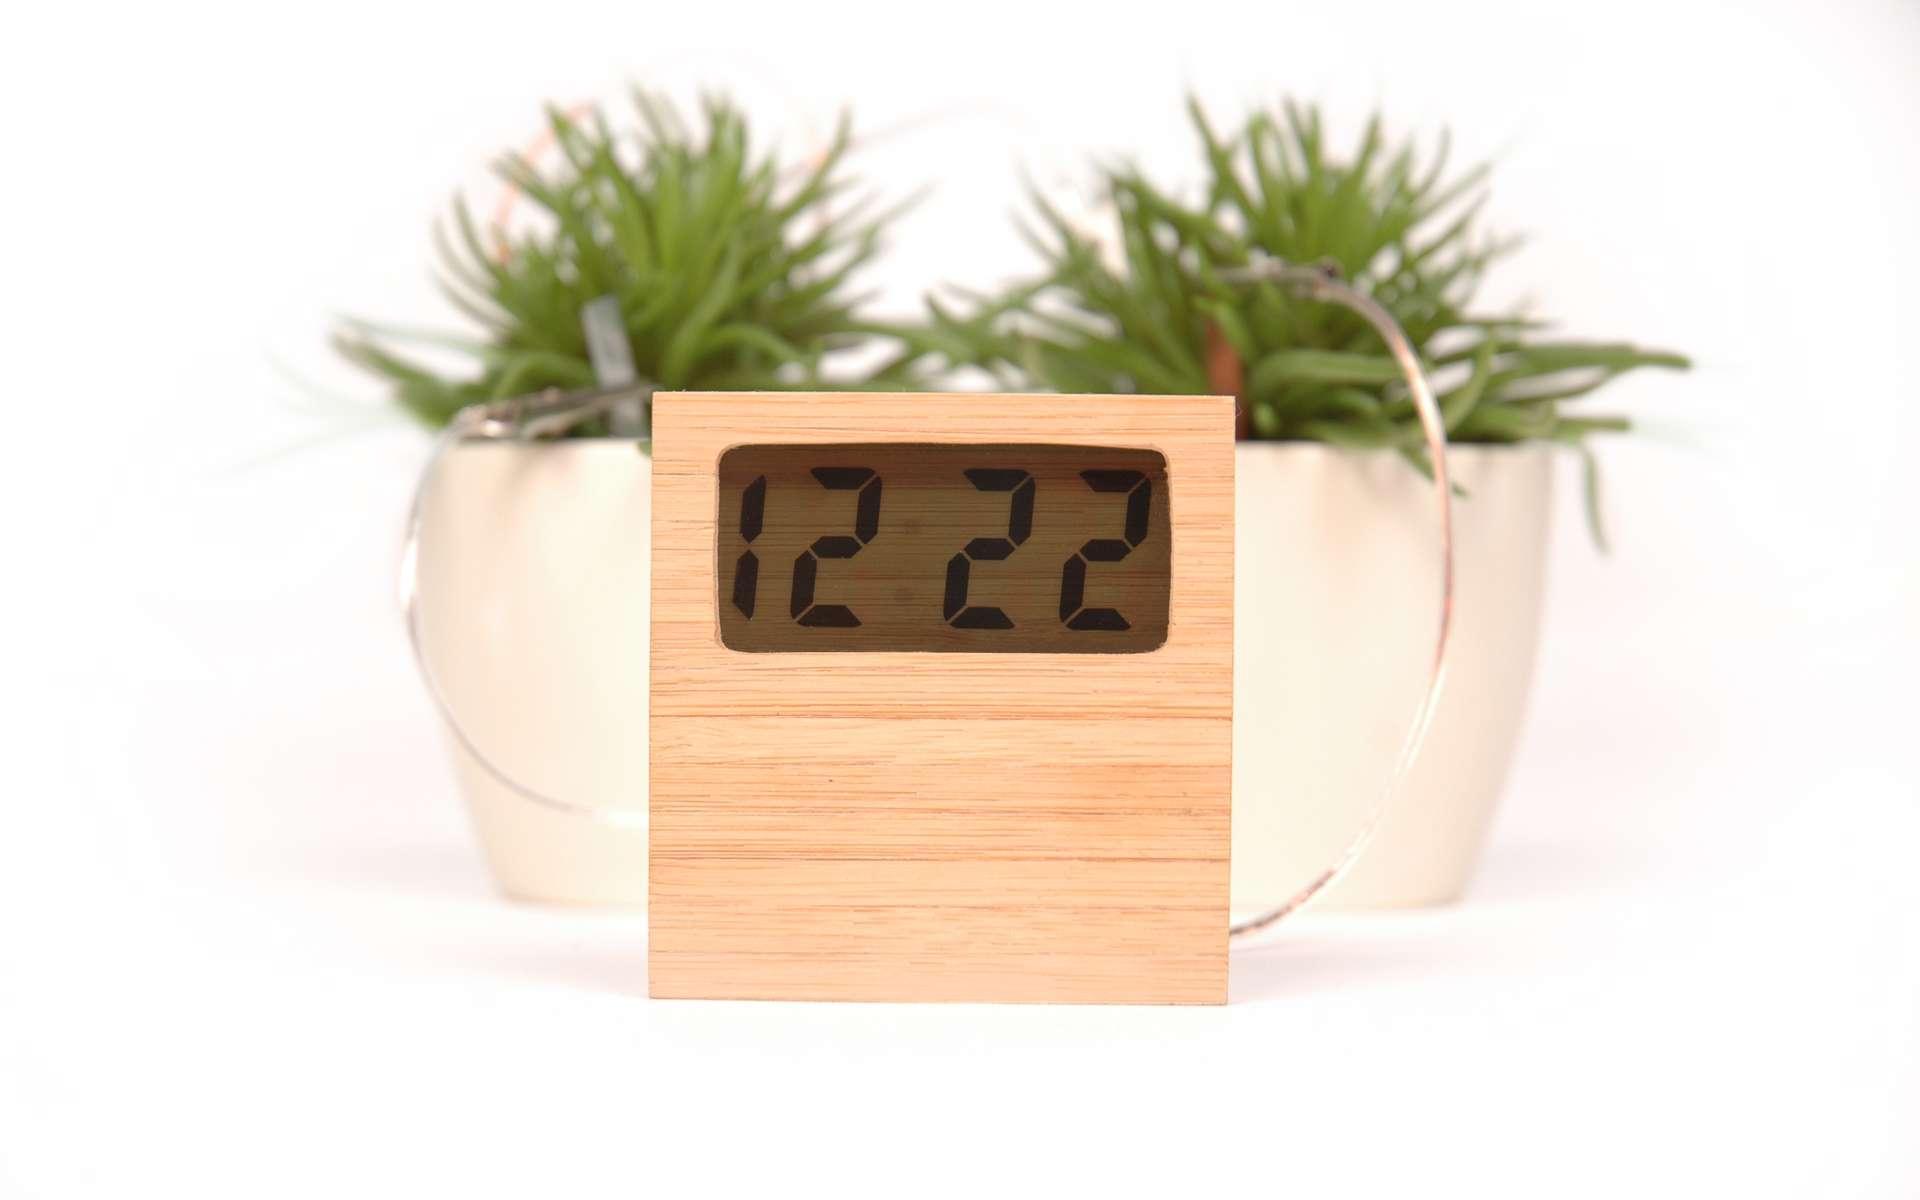 Soil Clock, une horloge qui n'a besoin que de terre et d'eau. © Marly Gommans